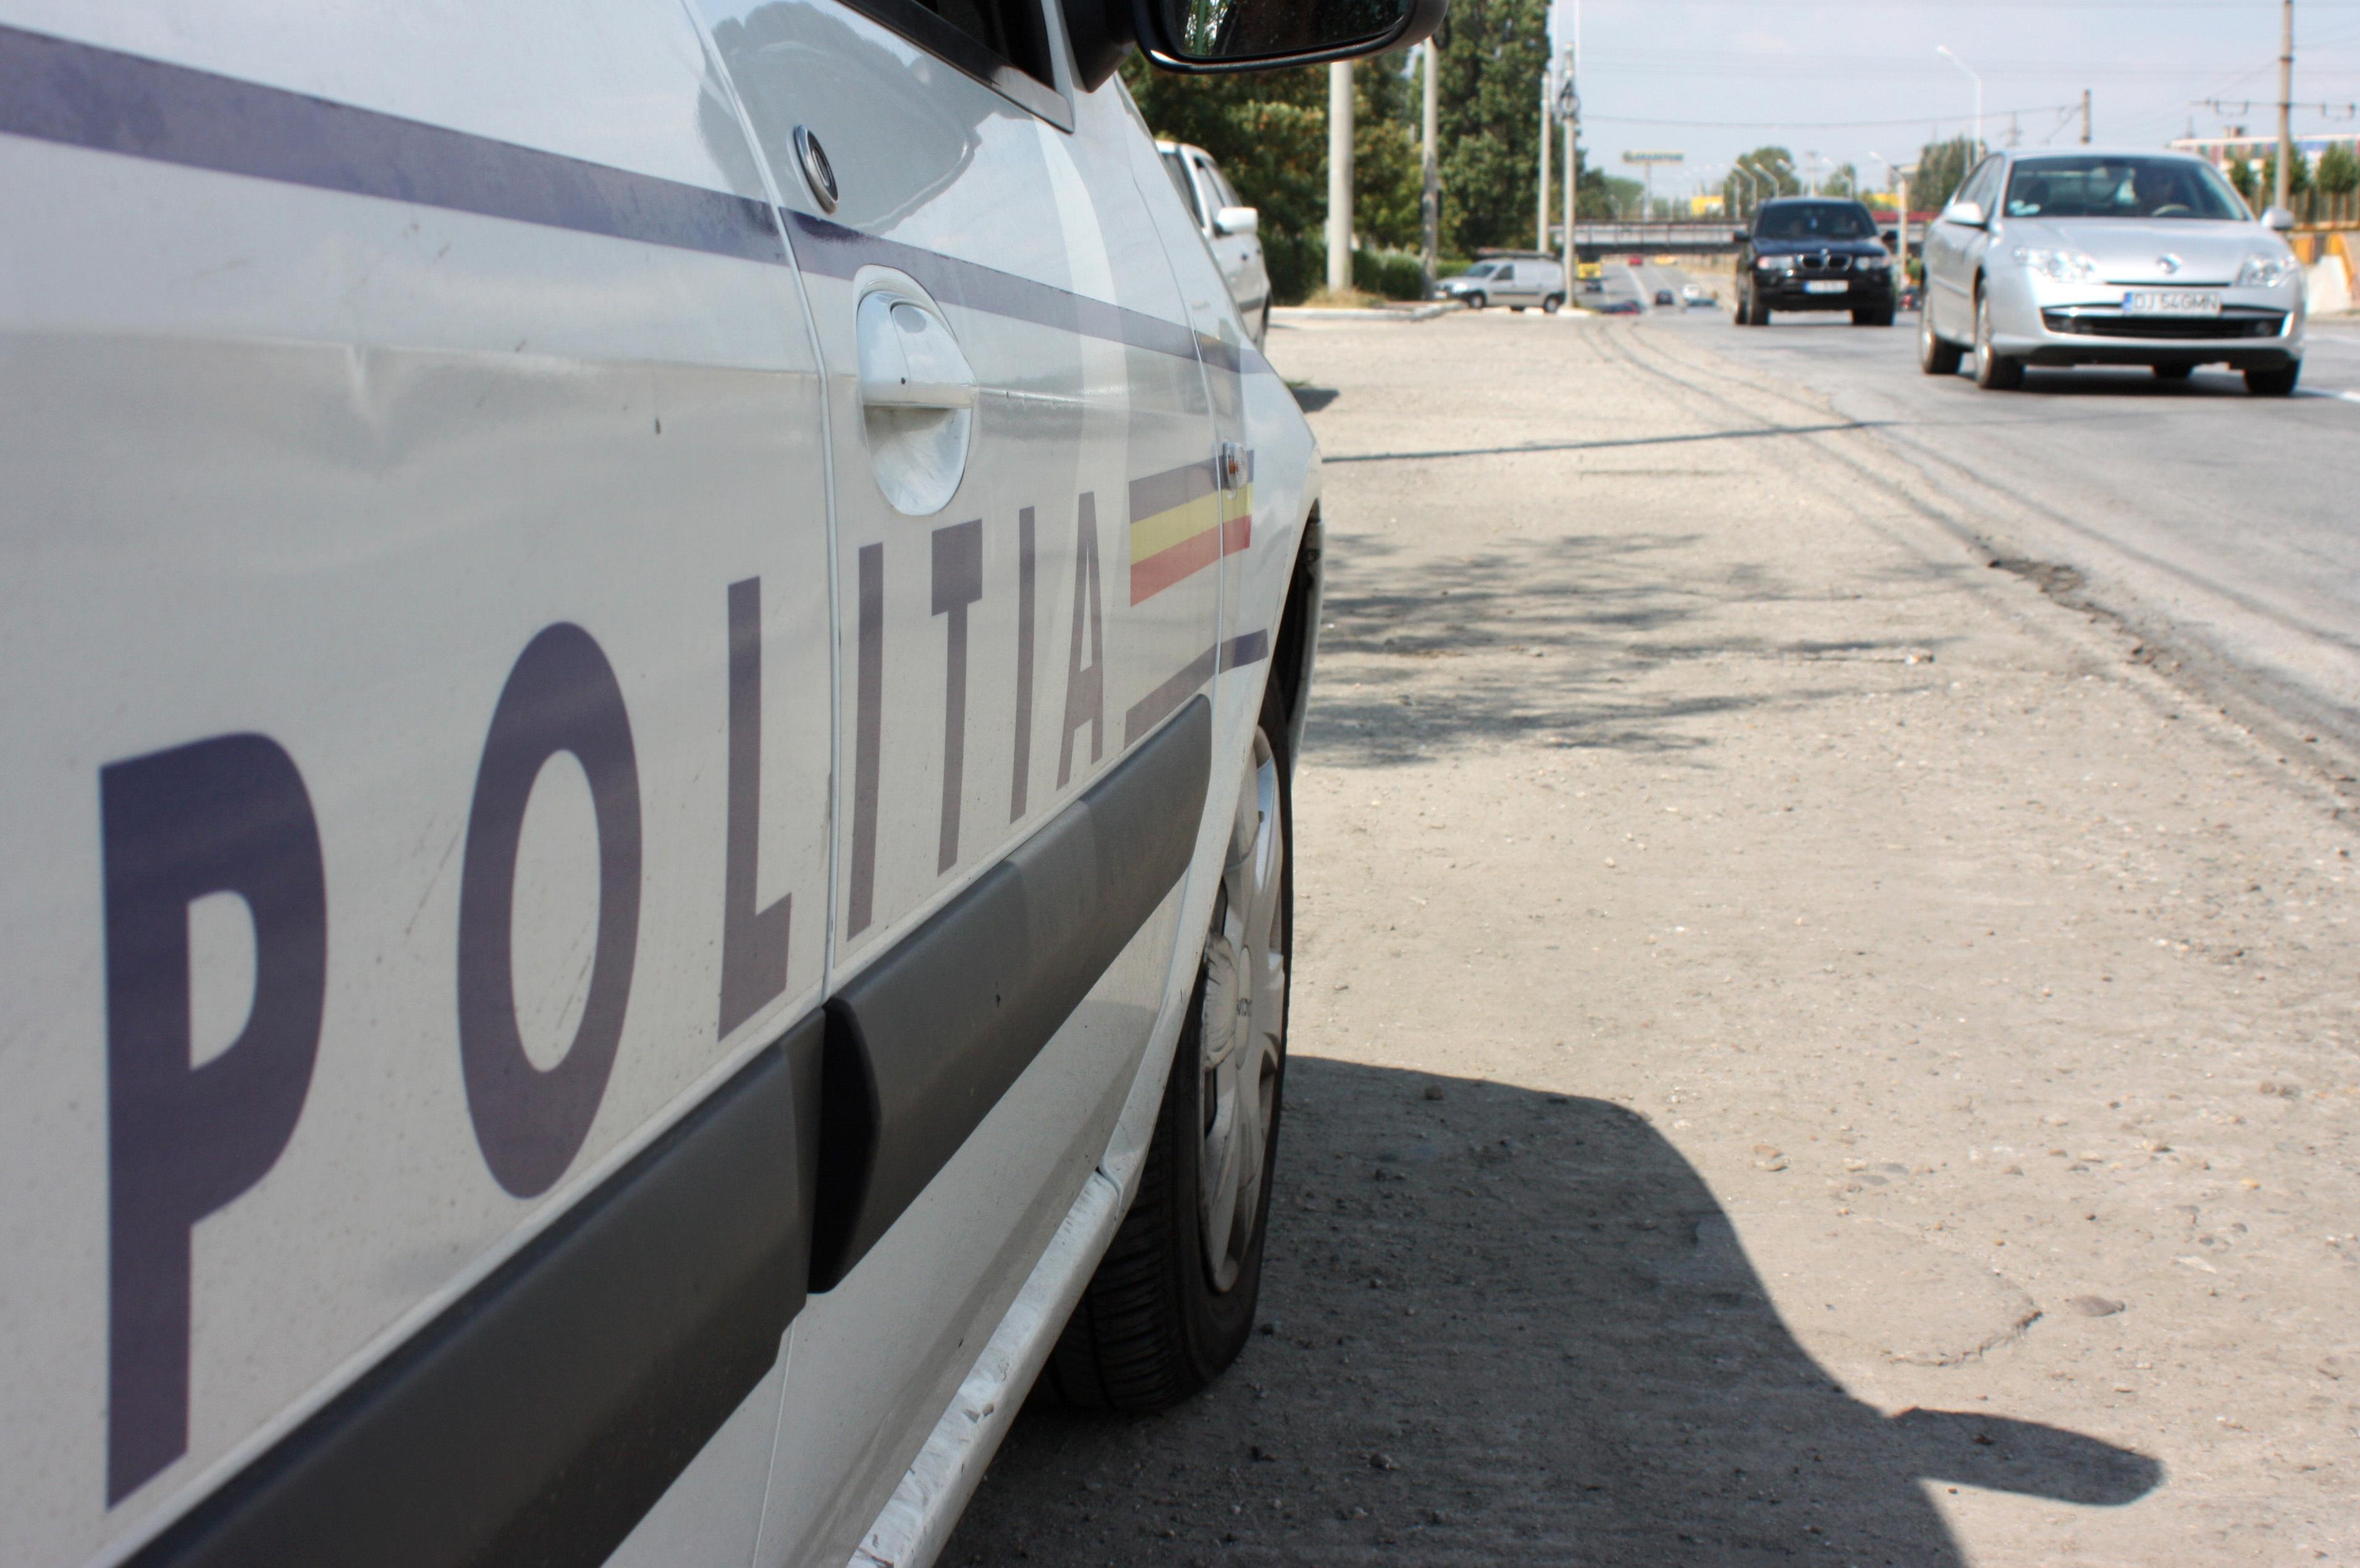 Bătaie în trafic la Botoşani: Un şofer în vârstă de 18 ani a fost reţinut, pentru 24 de ore